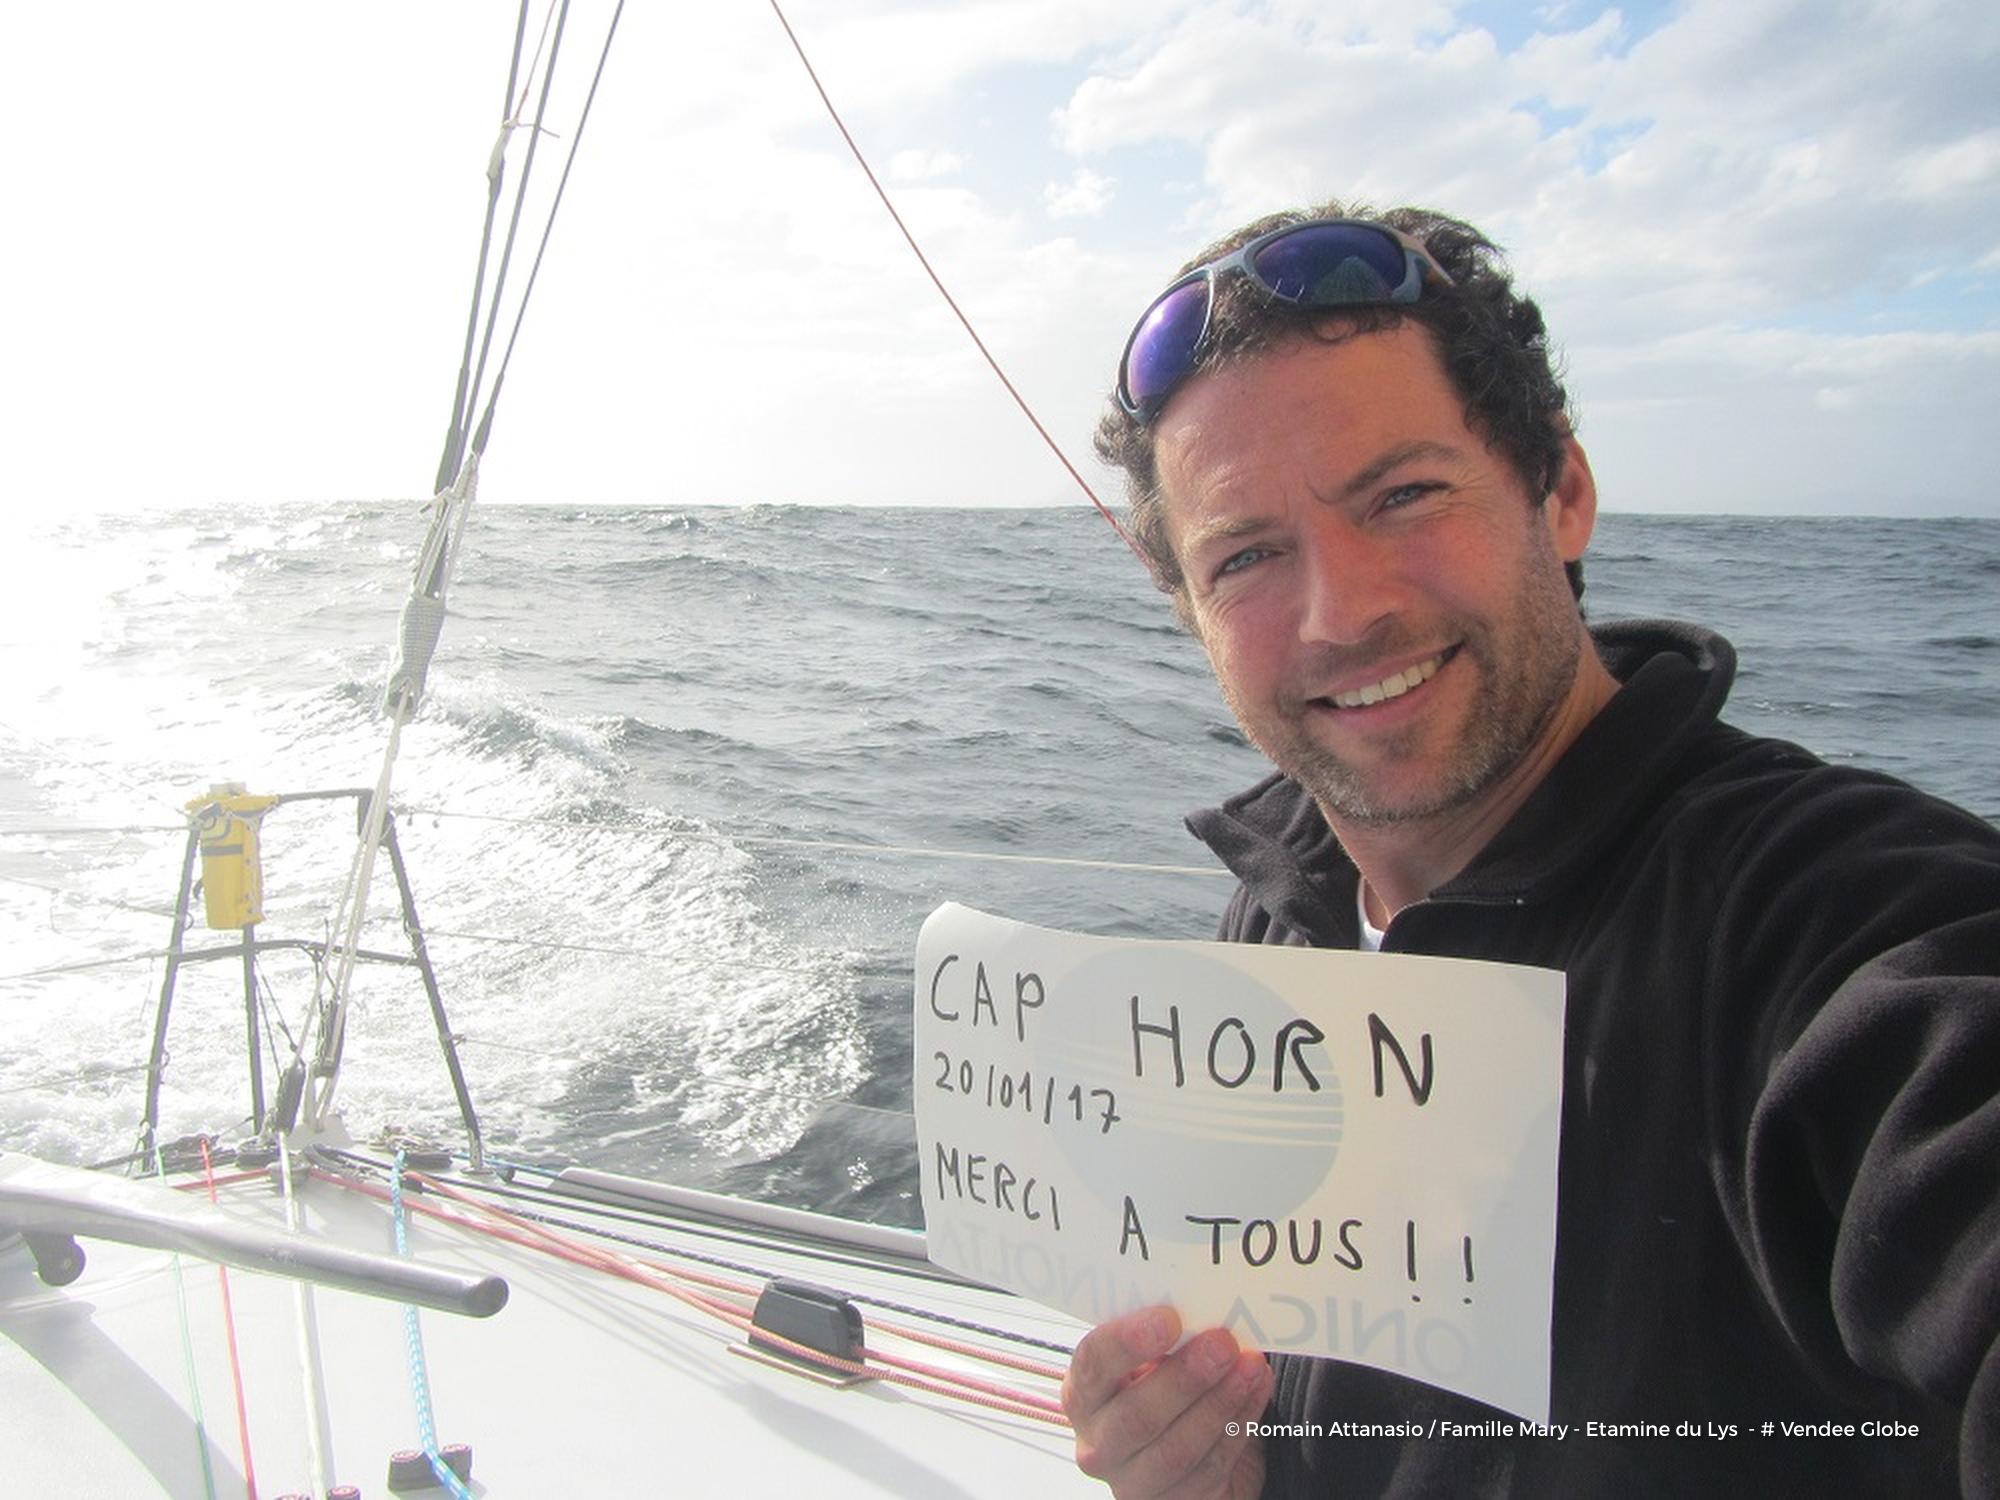 Romain Attanasio is the latest skipper to round Cape Horn. Photo Romain Attanasio.